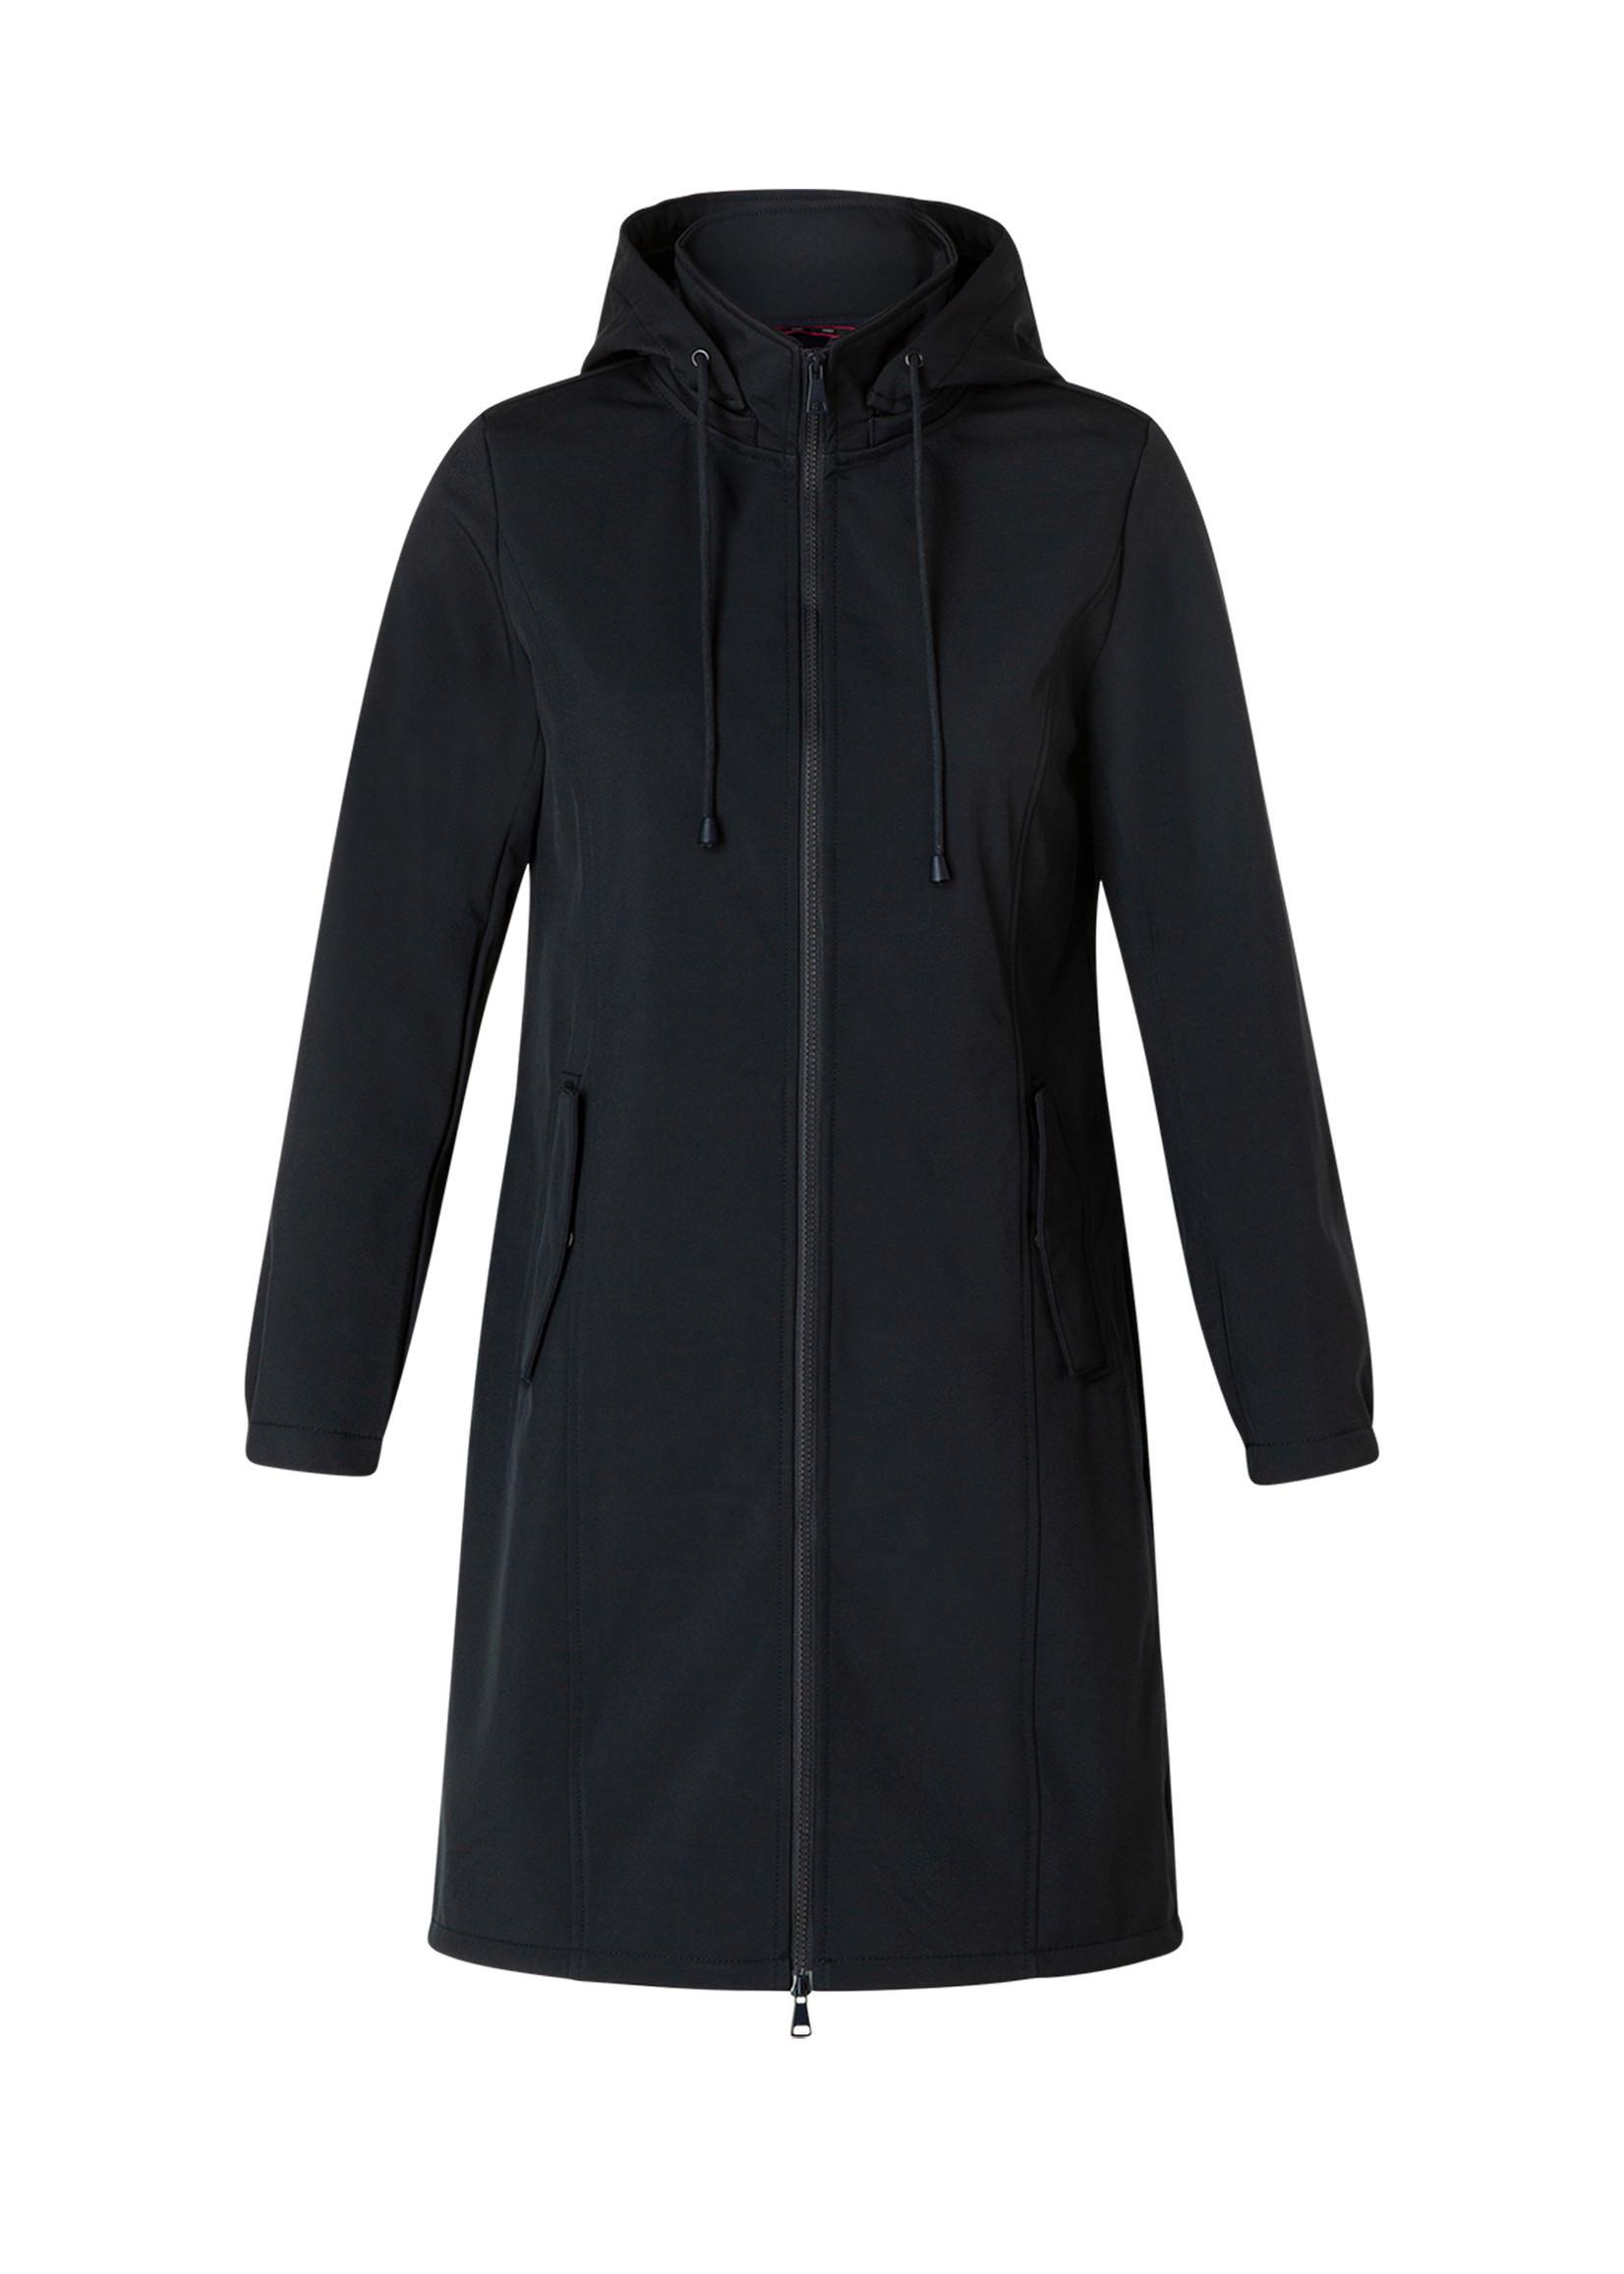 Yest Yest Softshell Jacket